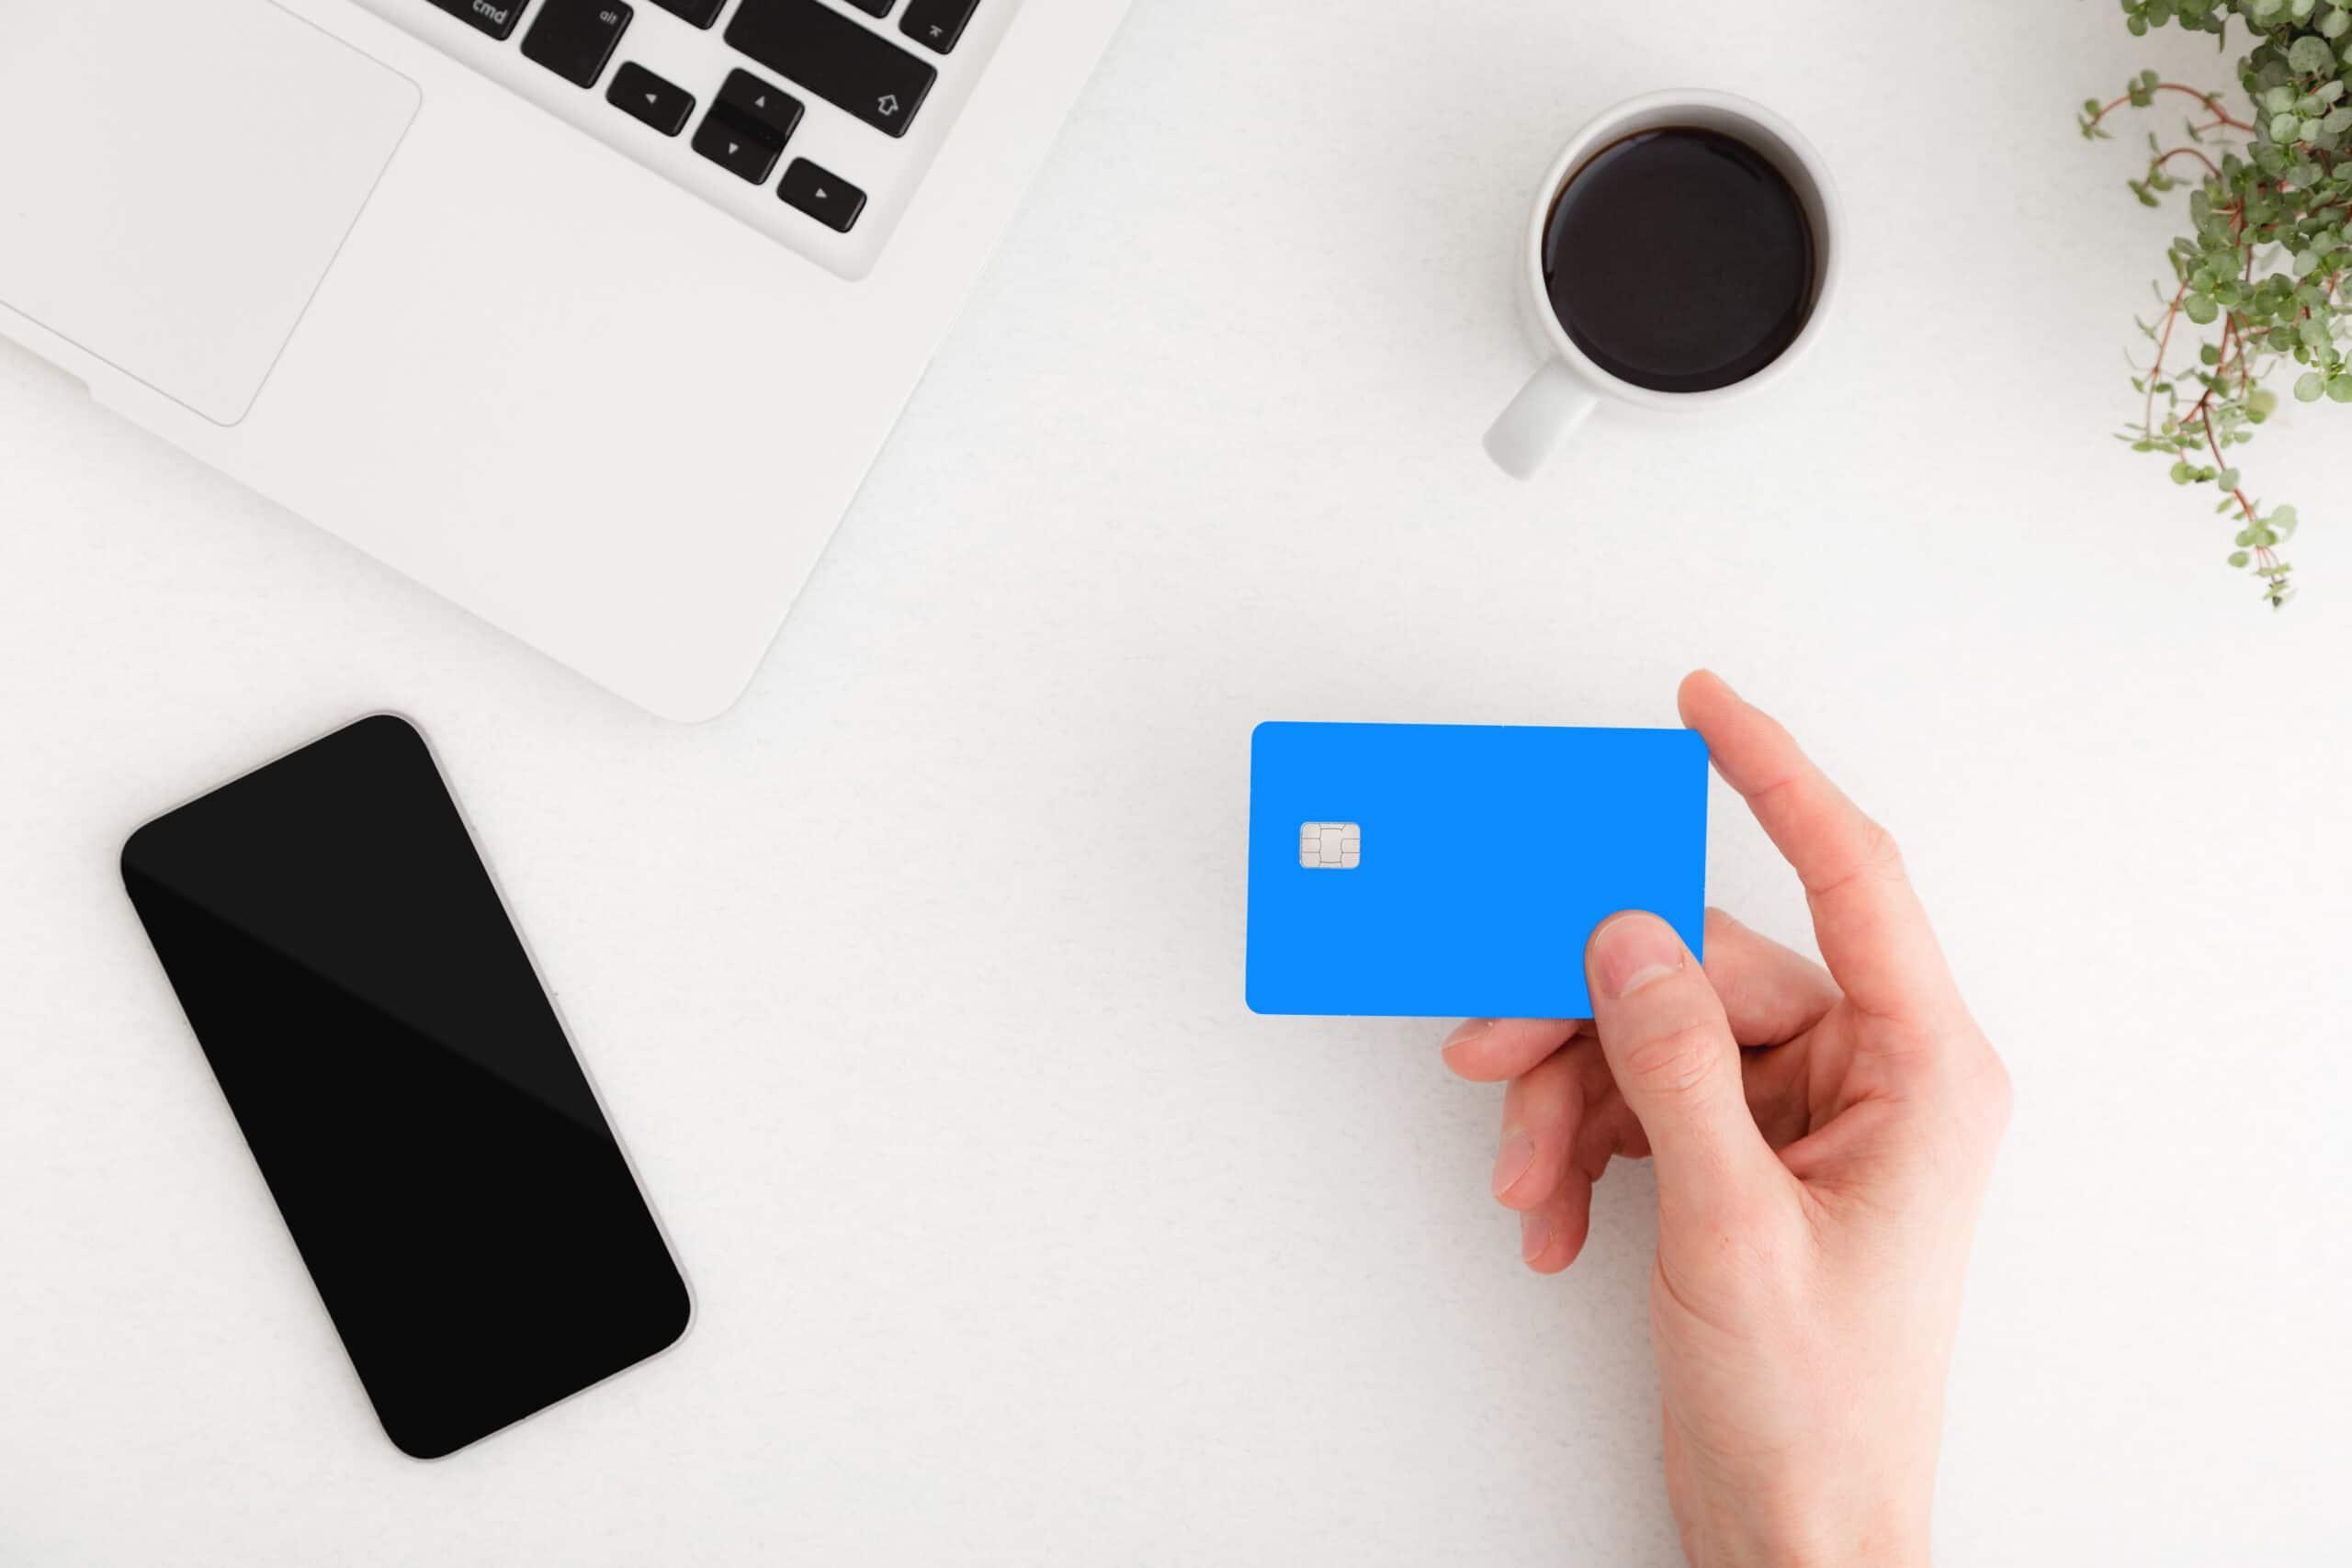 Pessoa segurando um cartão de crédito com um iPhone e um Mac